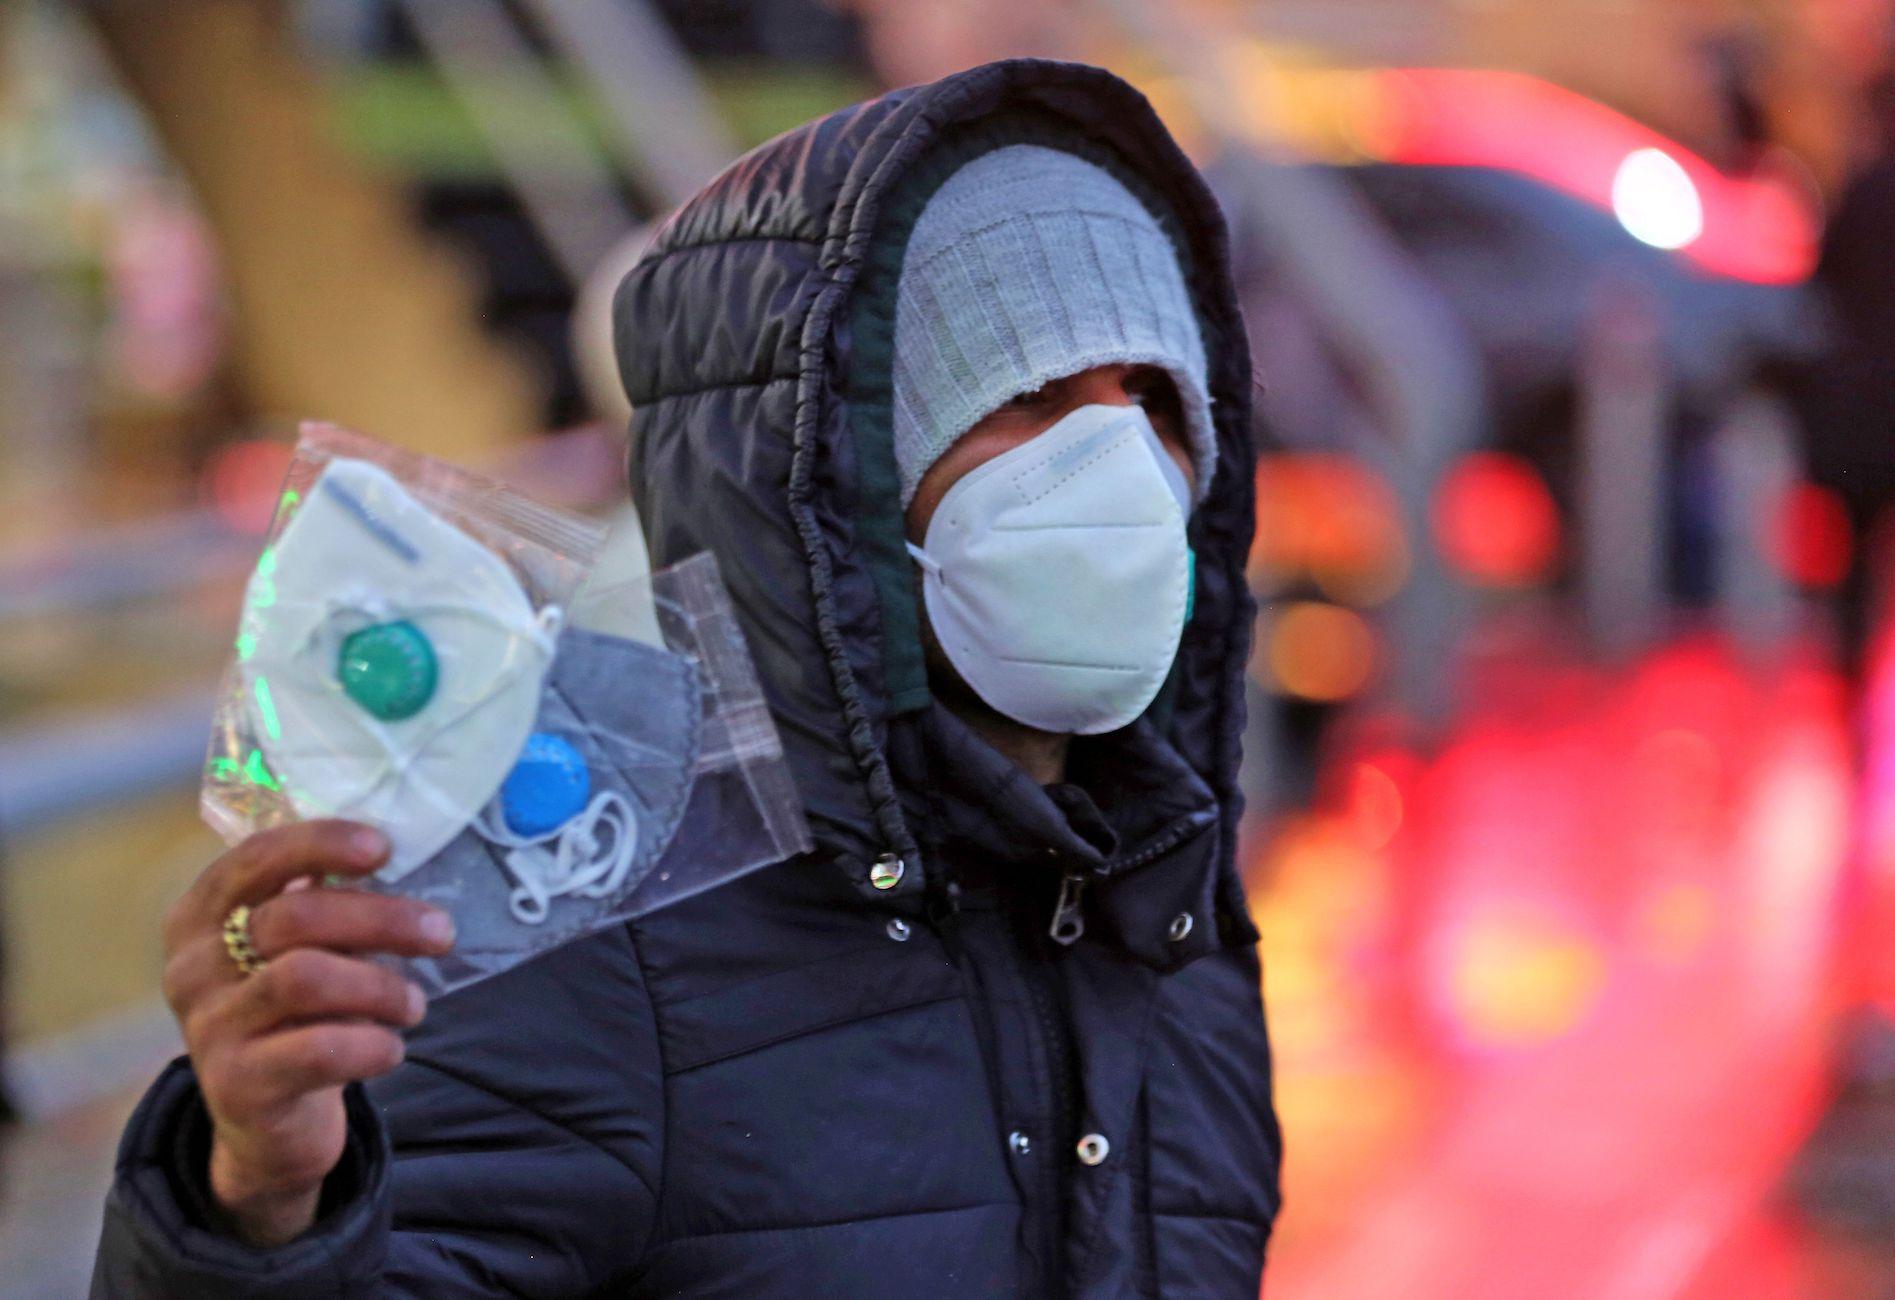 IRAN-CHINA-HEALTH-VIRUS